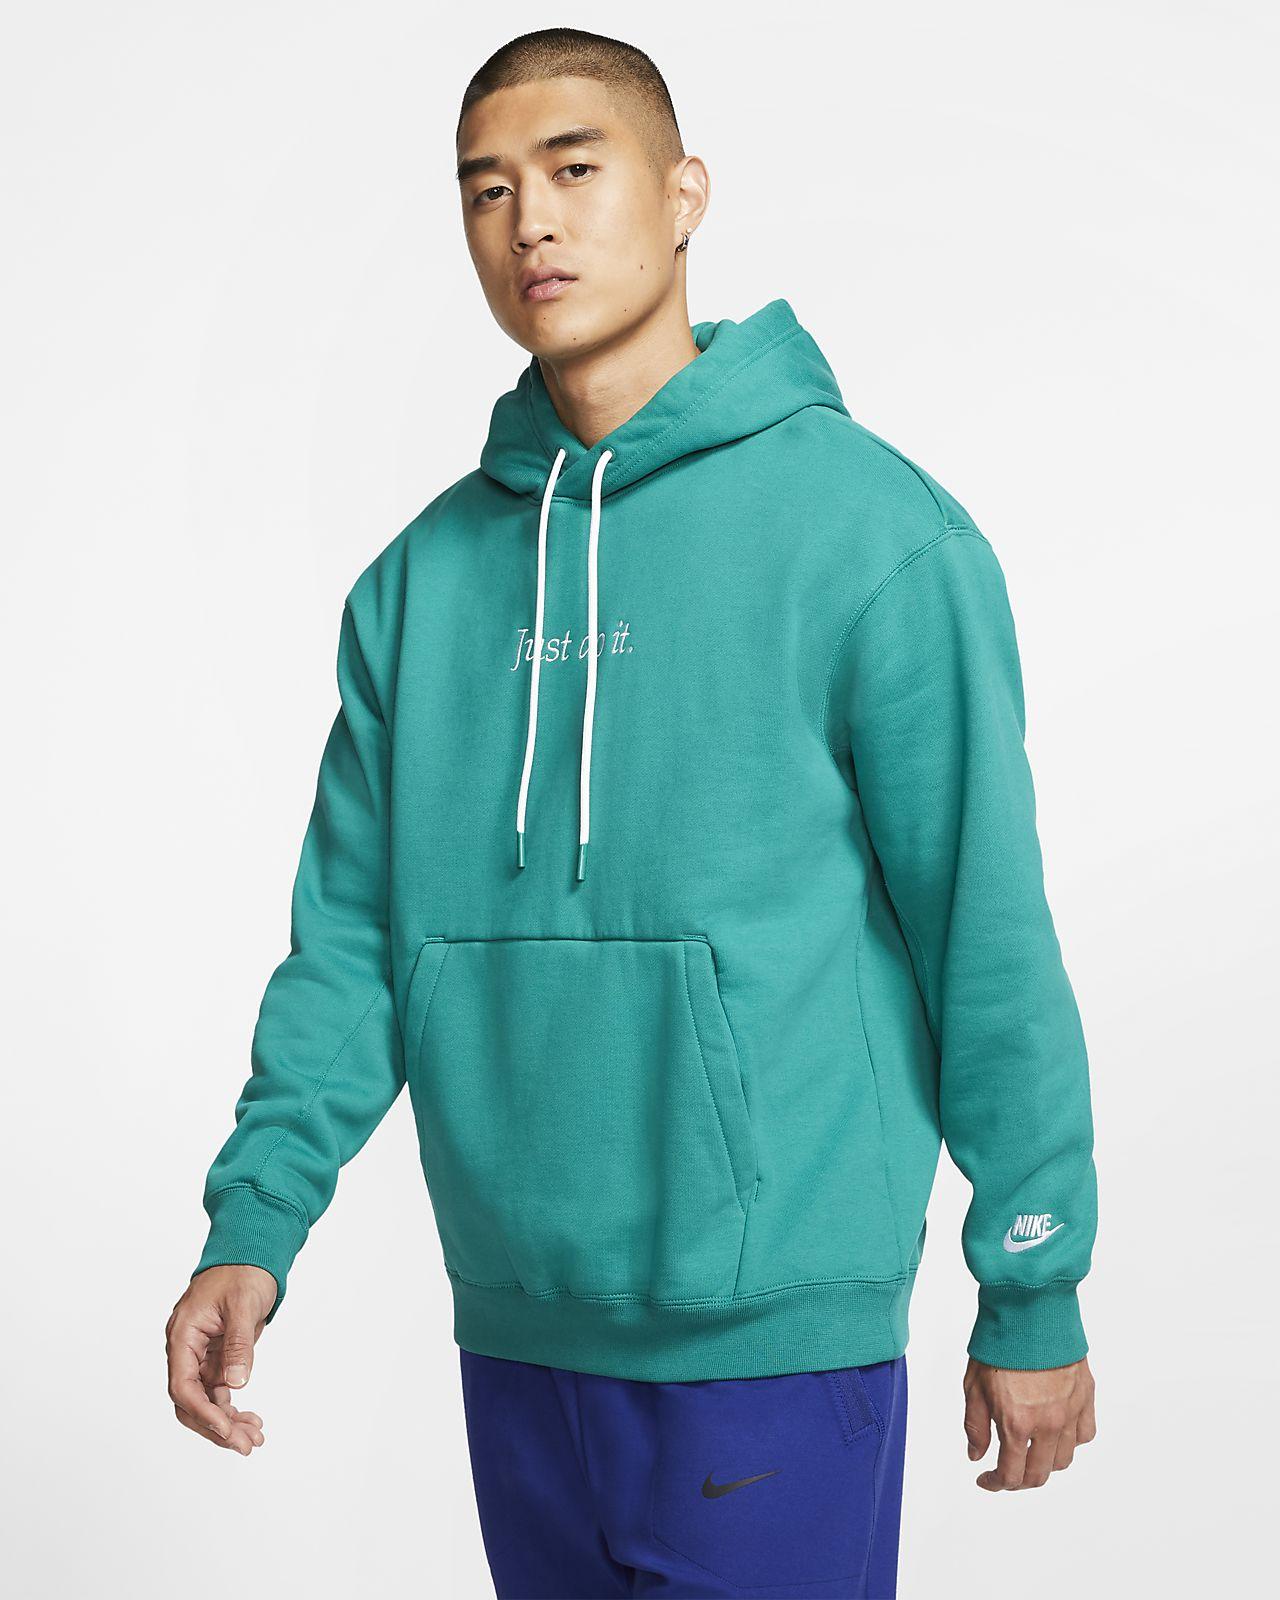 Nike Sportswear JDI Men's Fleece Pullover Hoodie